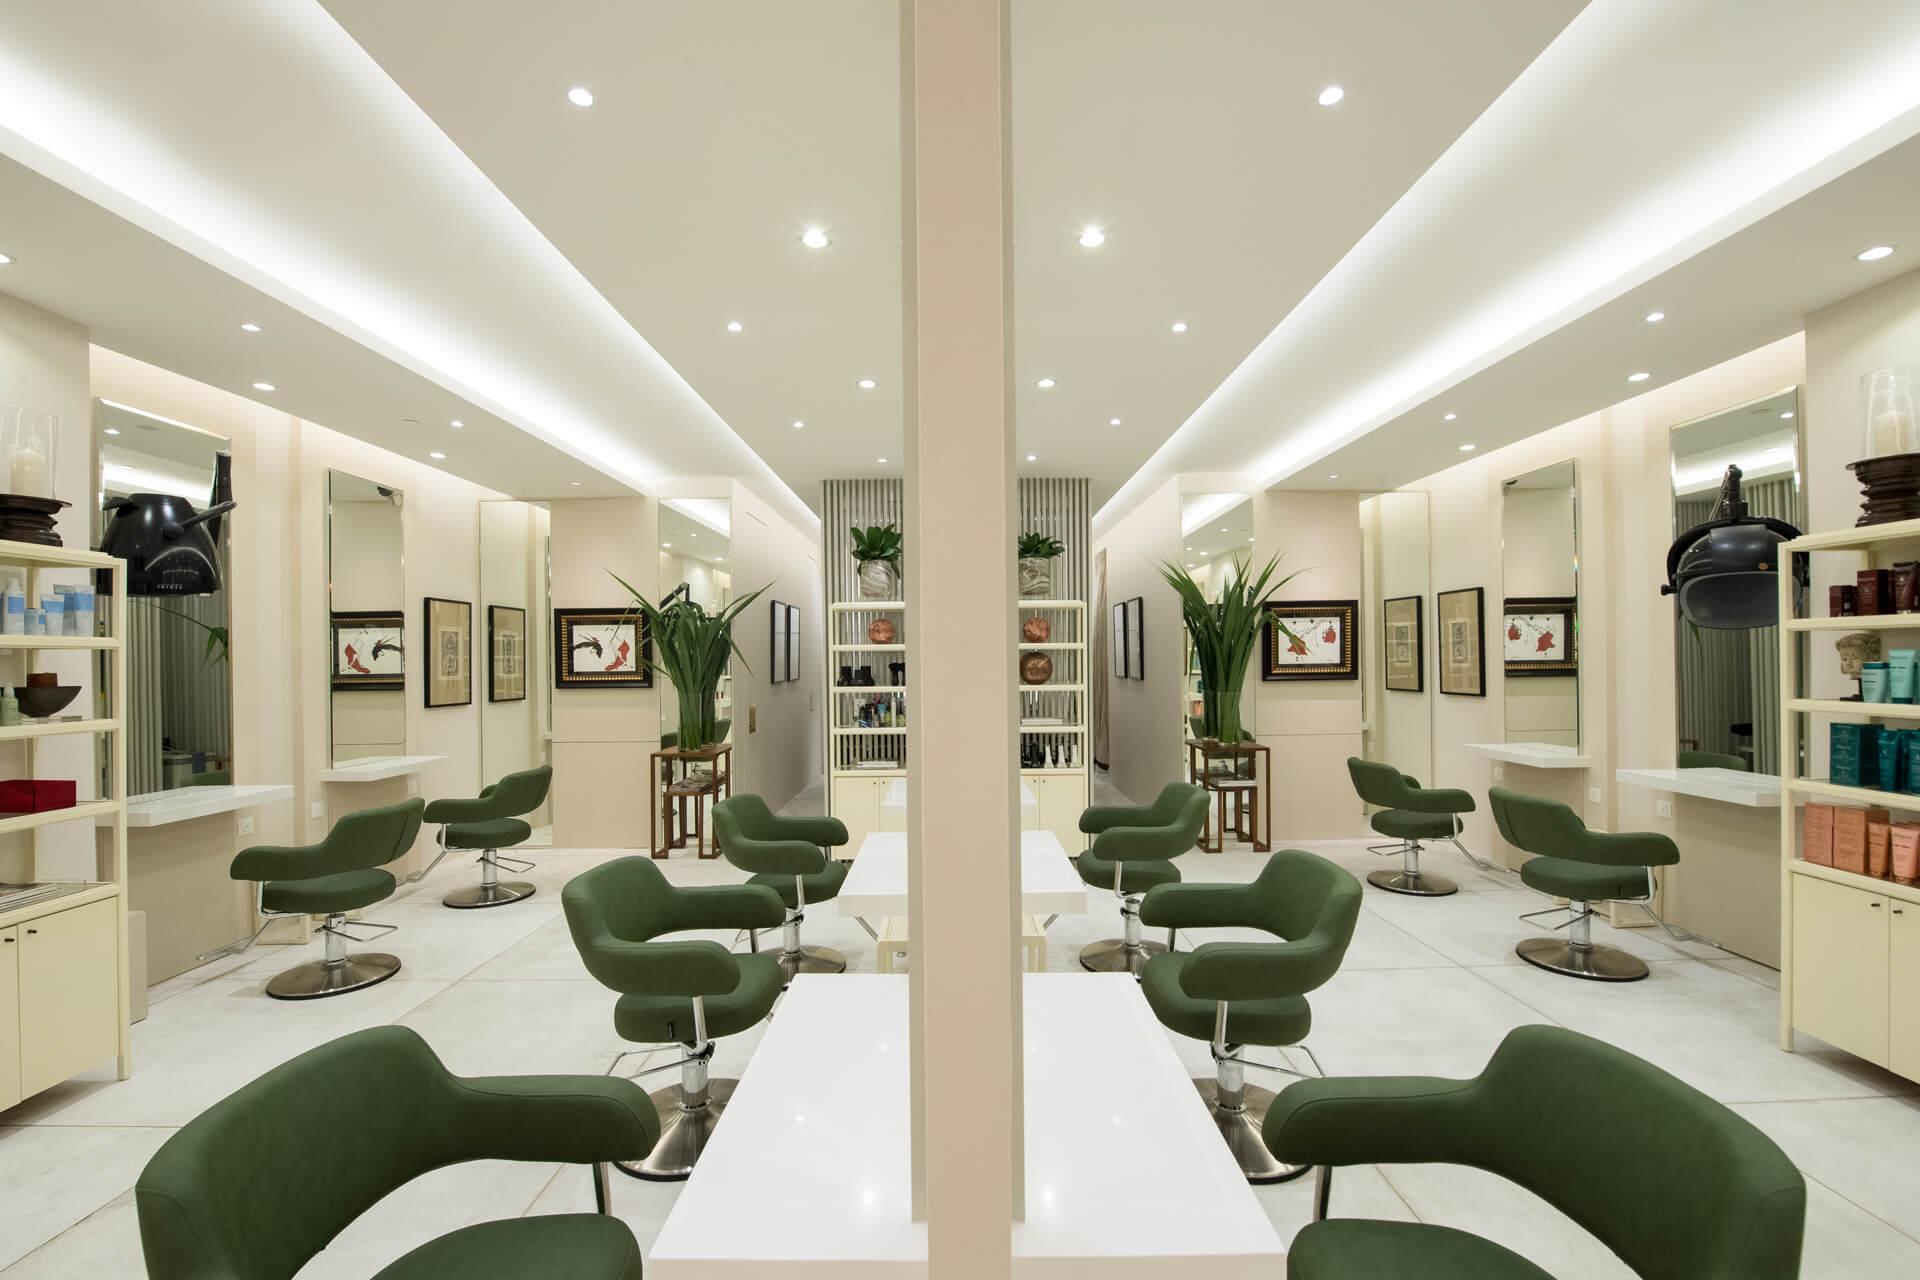 CaseySalon-About-Our-Salon-001